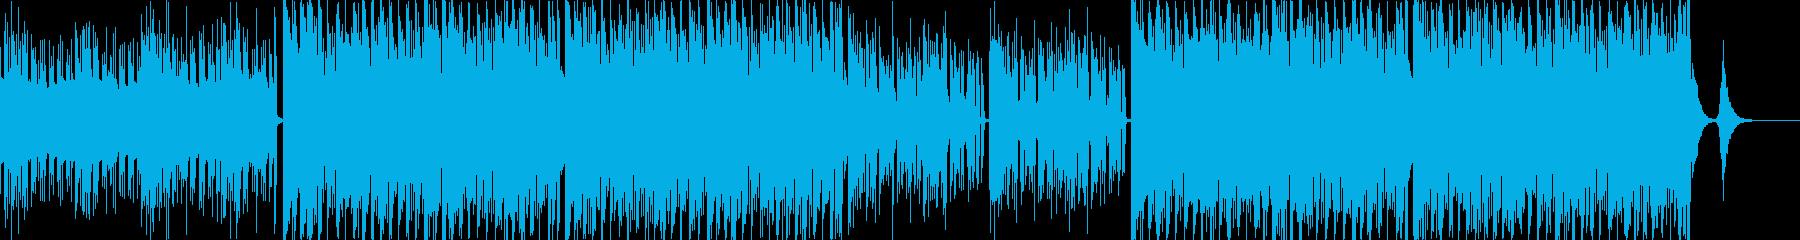 電子的な技術進歩を音で表現しました。し…の再生済みの波形